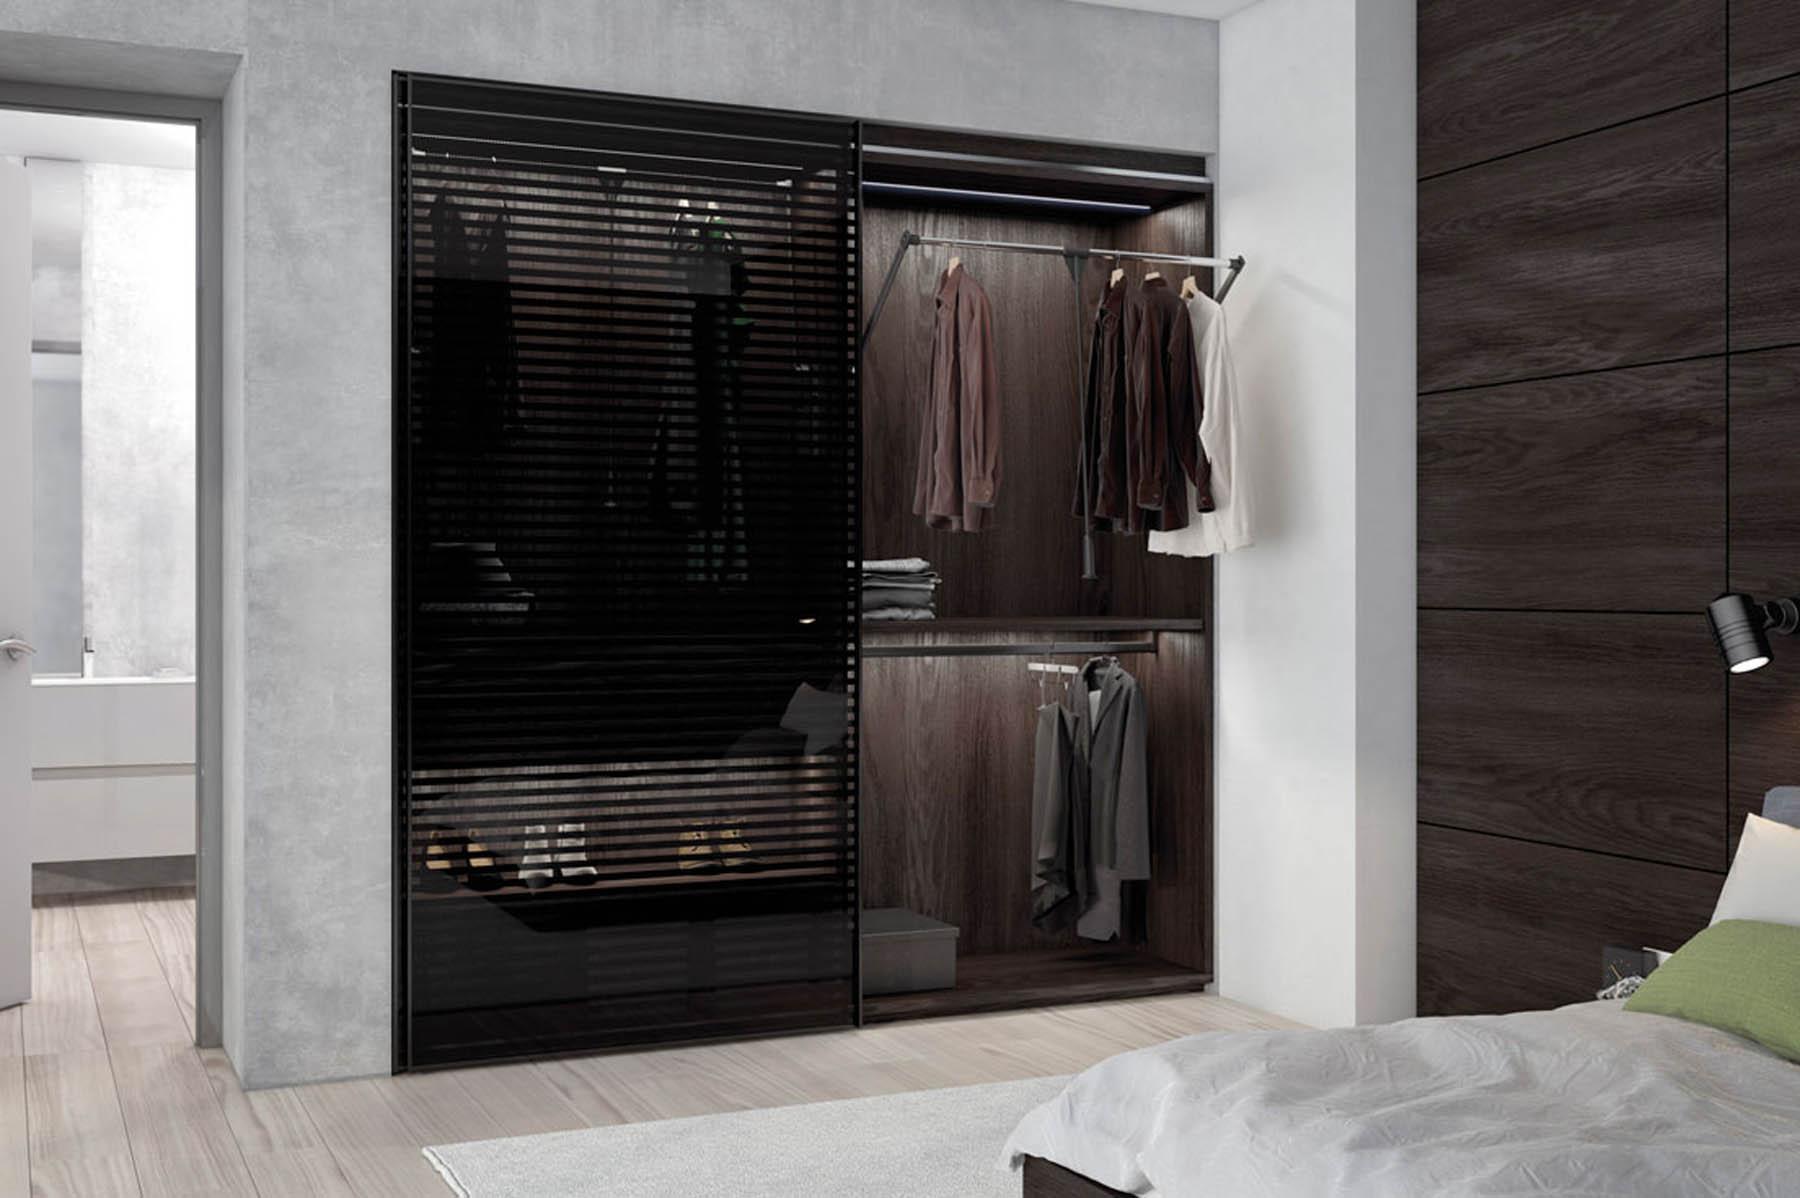 Disseny d'interiors amb elegància